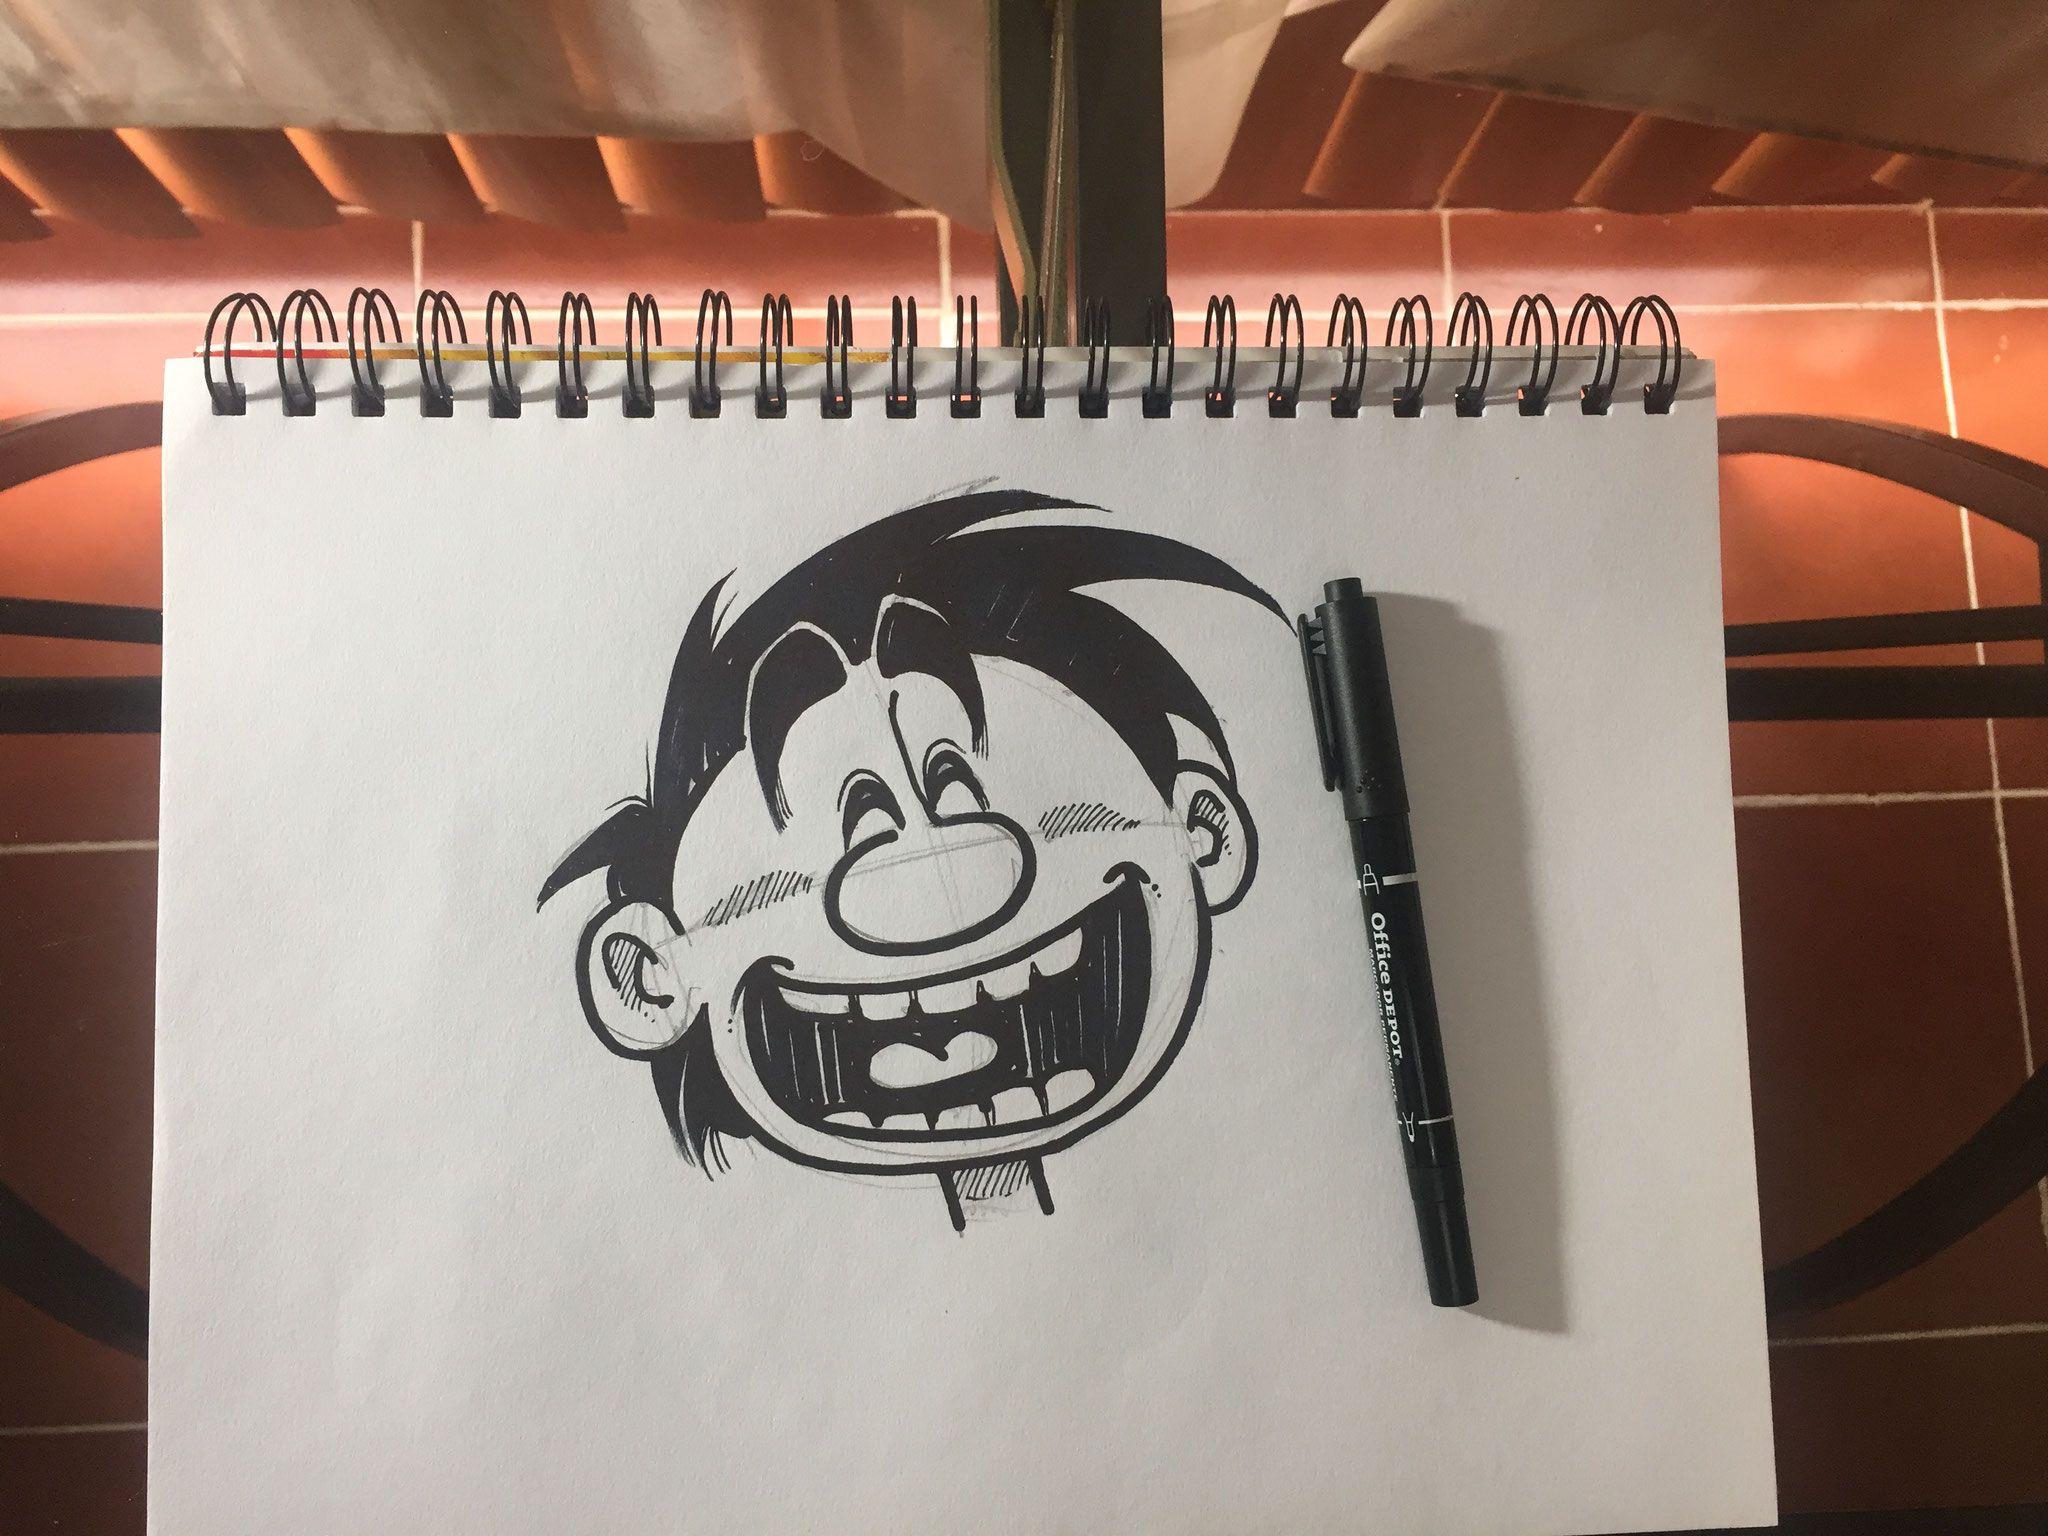 Descarga Gratis El Glosario Toon Para Tus Prácticas De Caricatura Página Web De Ivanevsky Estilos De Dibujo Dibujo De Caricaturas Creación De Personaje